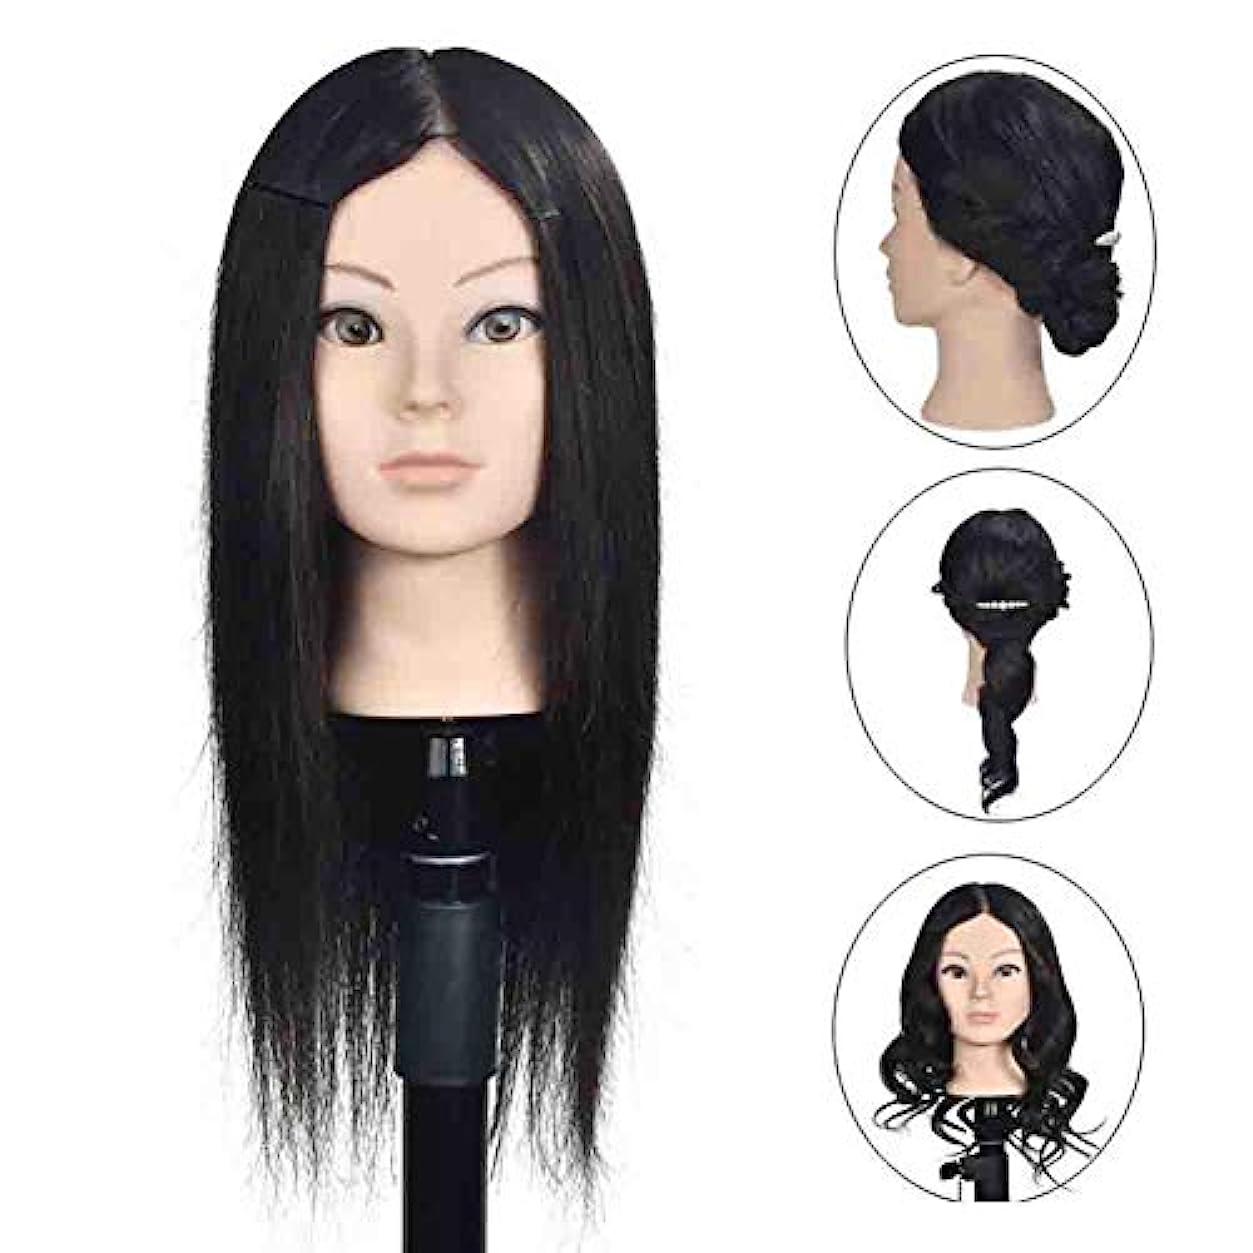 に品揃え佐賀リアルヘアスタイリングマネキンヘッド女性ヘッドモデル教育ヘッド理髪店編組ヘア染色学習ダミーヘッド